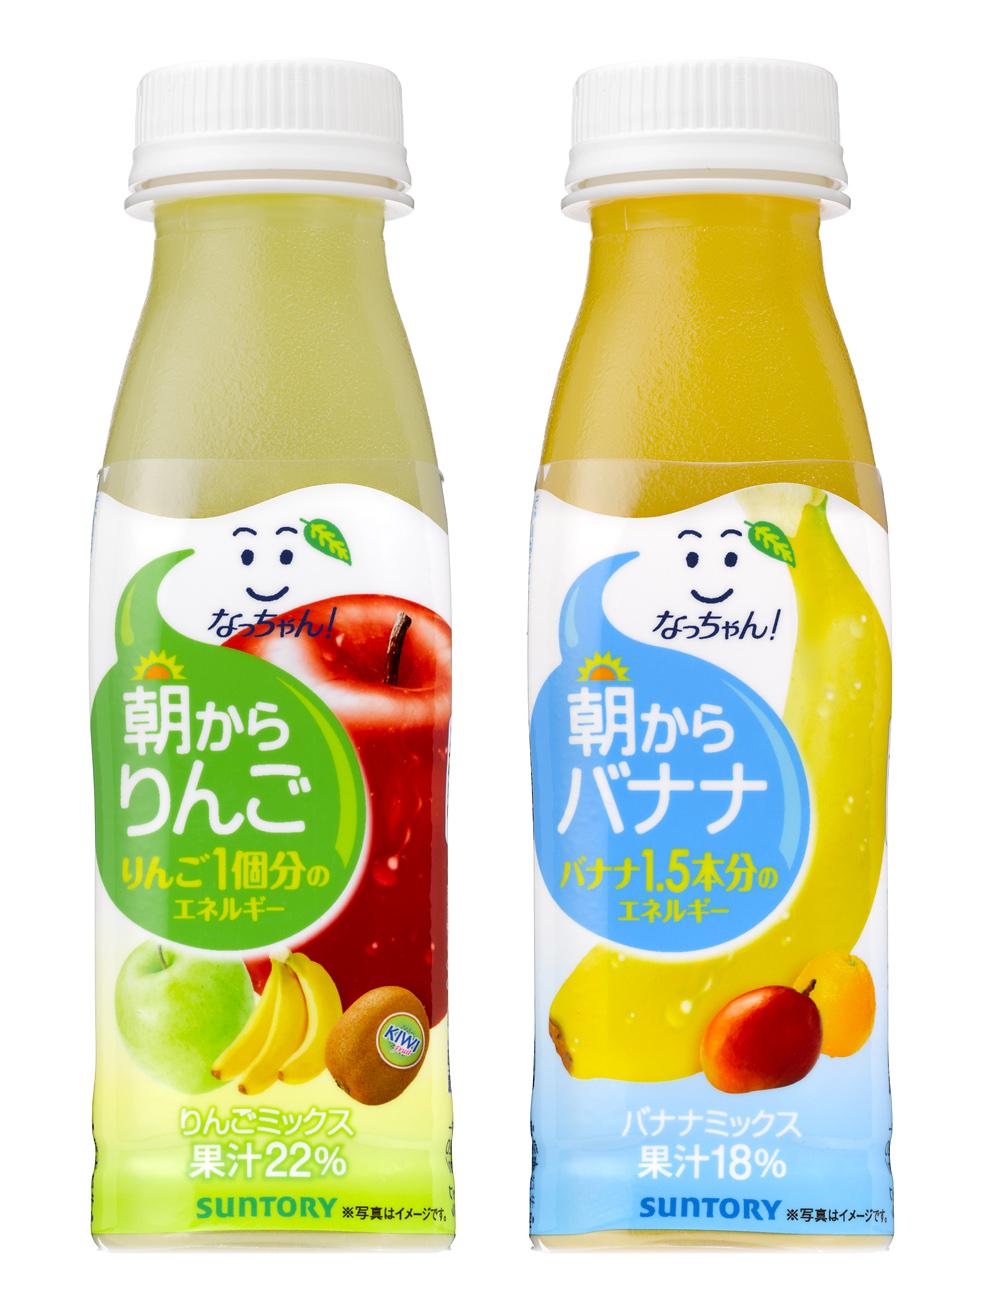 「なっちゃん」から朝におすすめの果汁飲料 \u2015